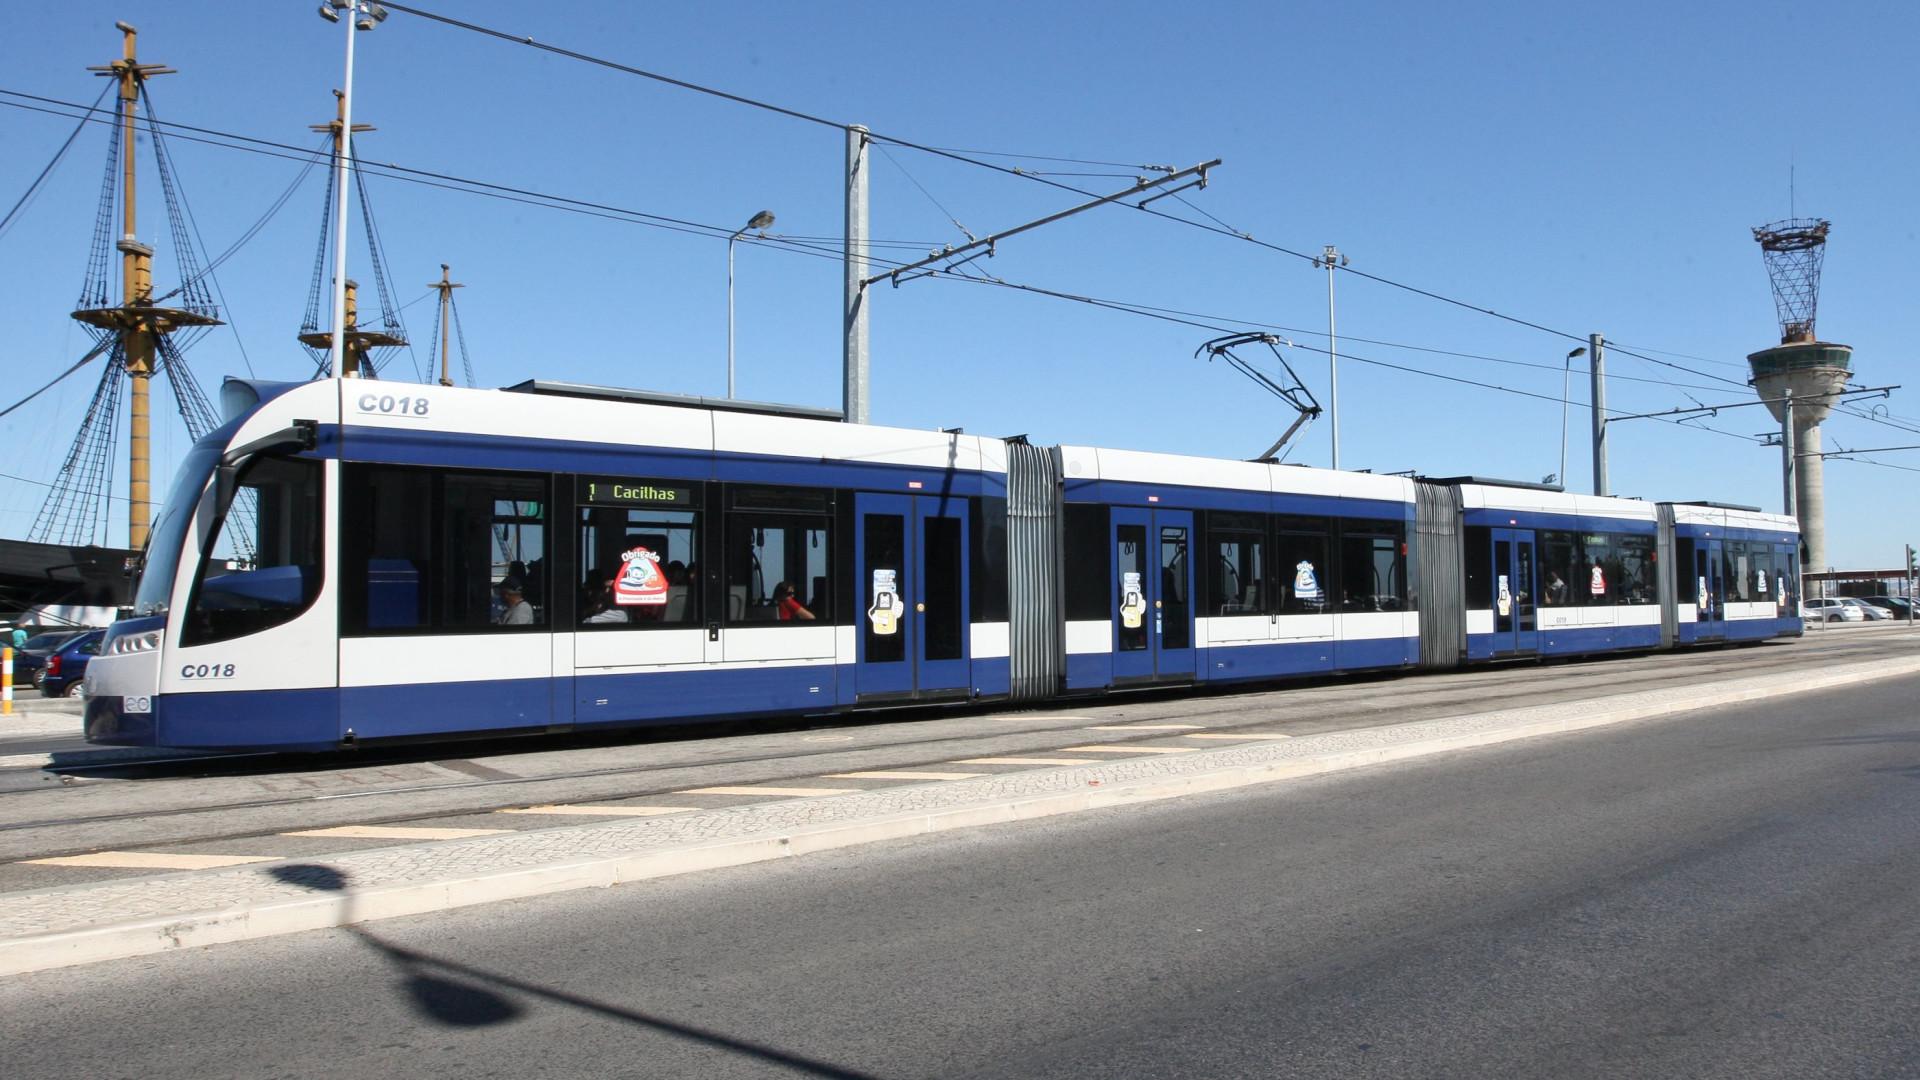 Metro de superfície abalroa autocarro da TST na Caparica. Há feridos